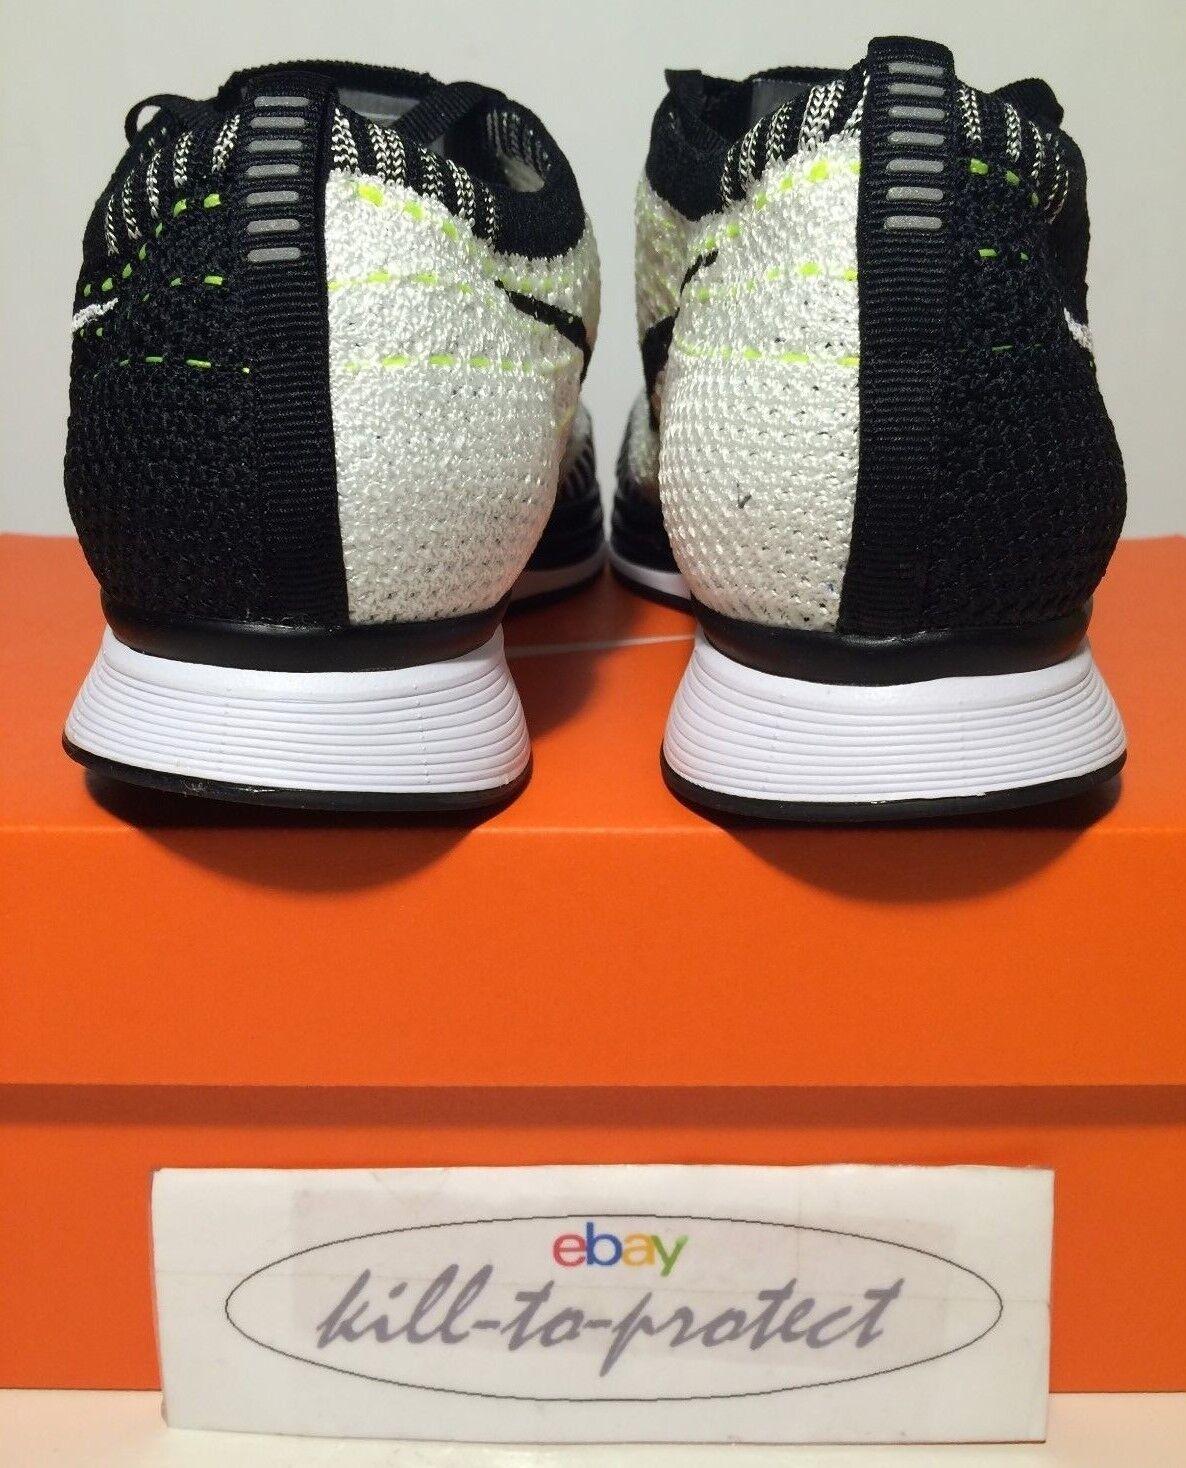 Nike flyknit racer racer racer - schwarz - weiße uns uk7 8 9 10 11 12 oreo - 526628-011 og http: / / 2015 24c7e2